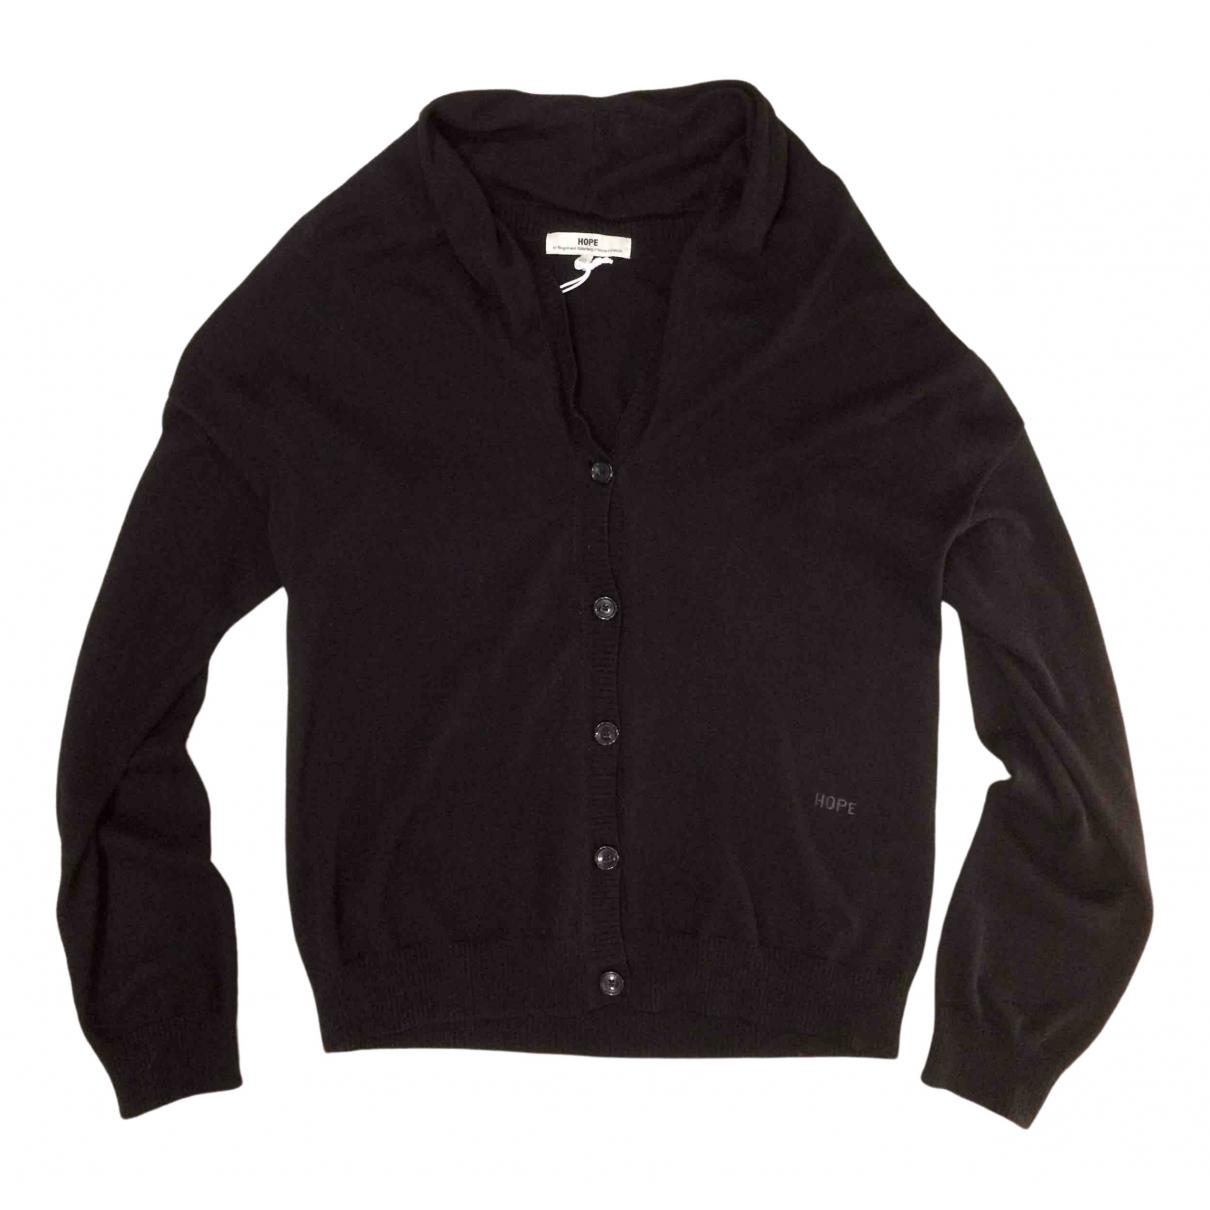 Hope \N Pullover.Westen.Sweatshirts  in  Schwarz Baumwolle